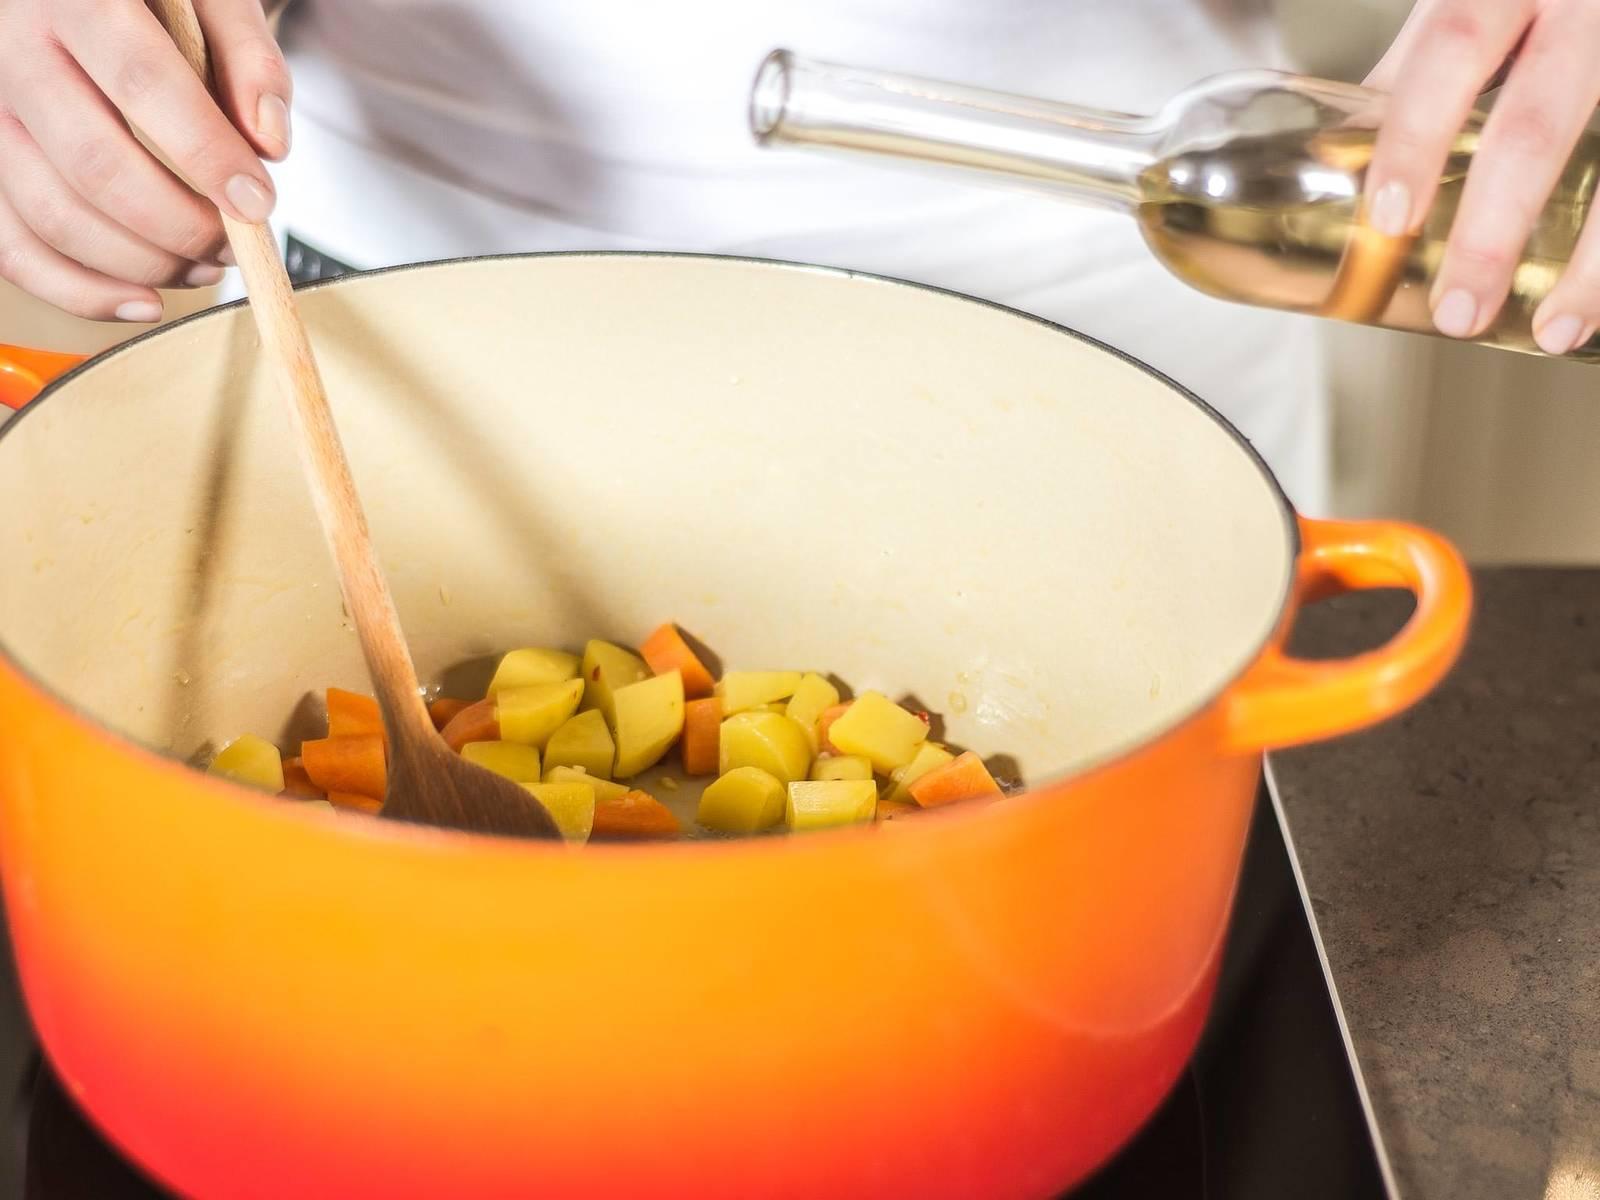 加热橄榄油,然后放入大蒜、辣椒、洋葱、土豆和胡萝卜煸炒,淋上巴萨米克白醋取汁。